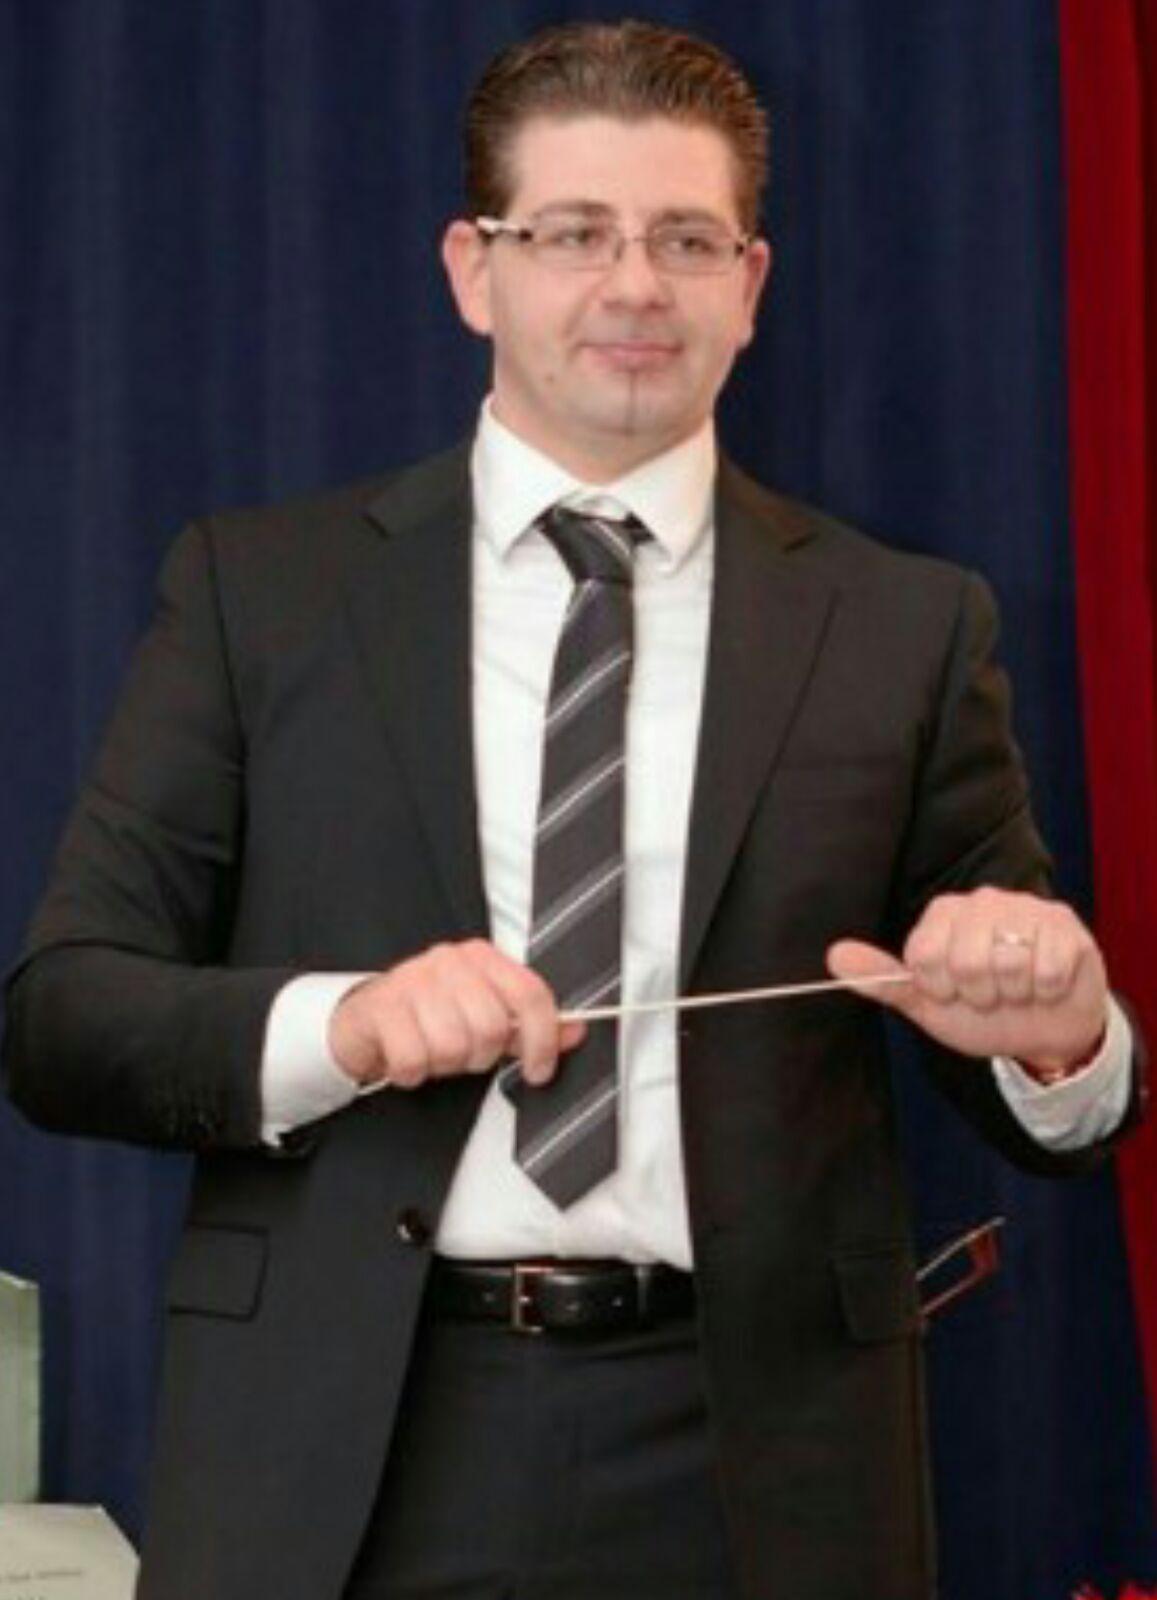 M° Francesco Muscolino, direttore artistico della Corale Polifonica Diocesana e del Coro Regina Anglonensis